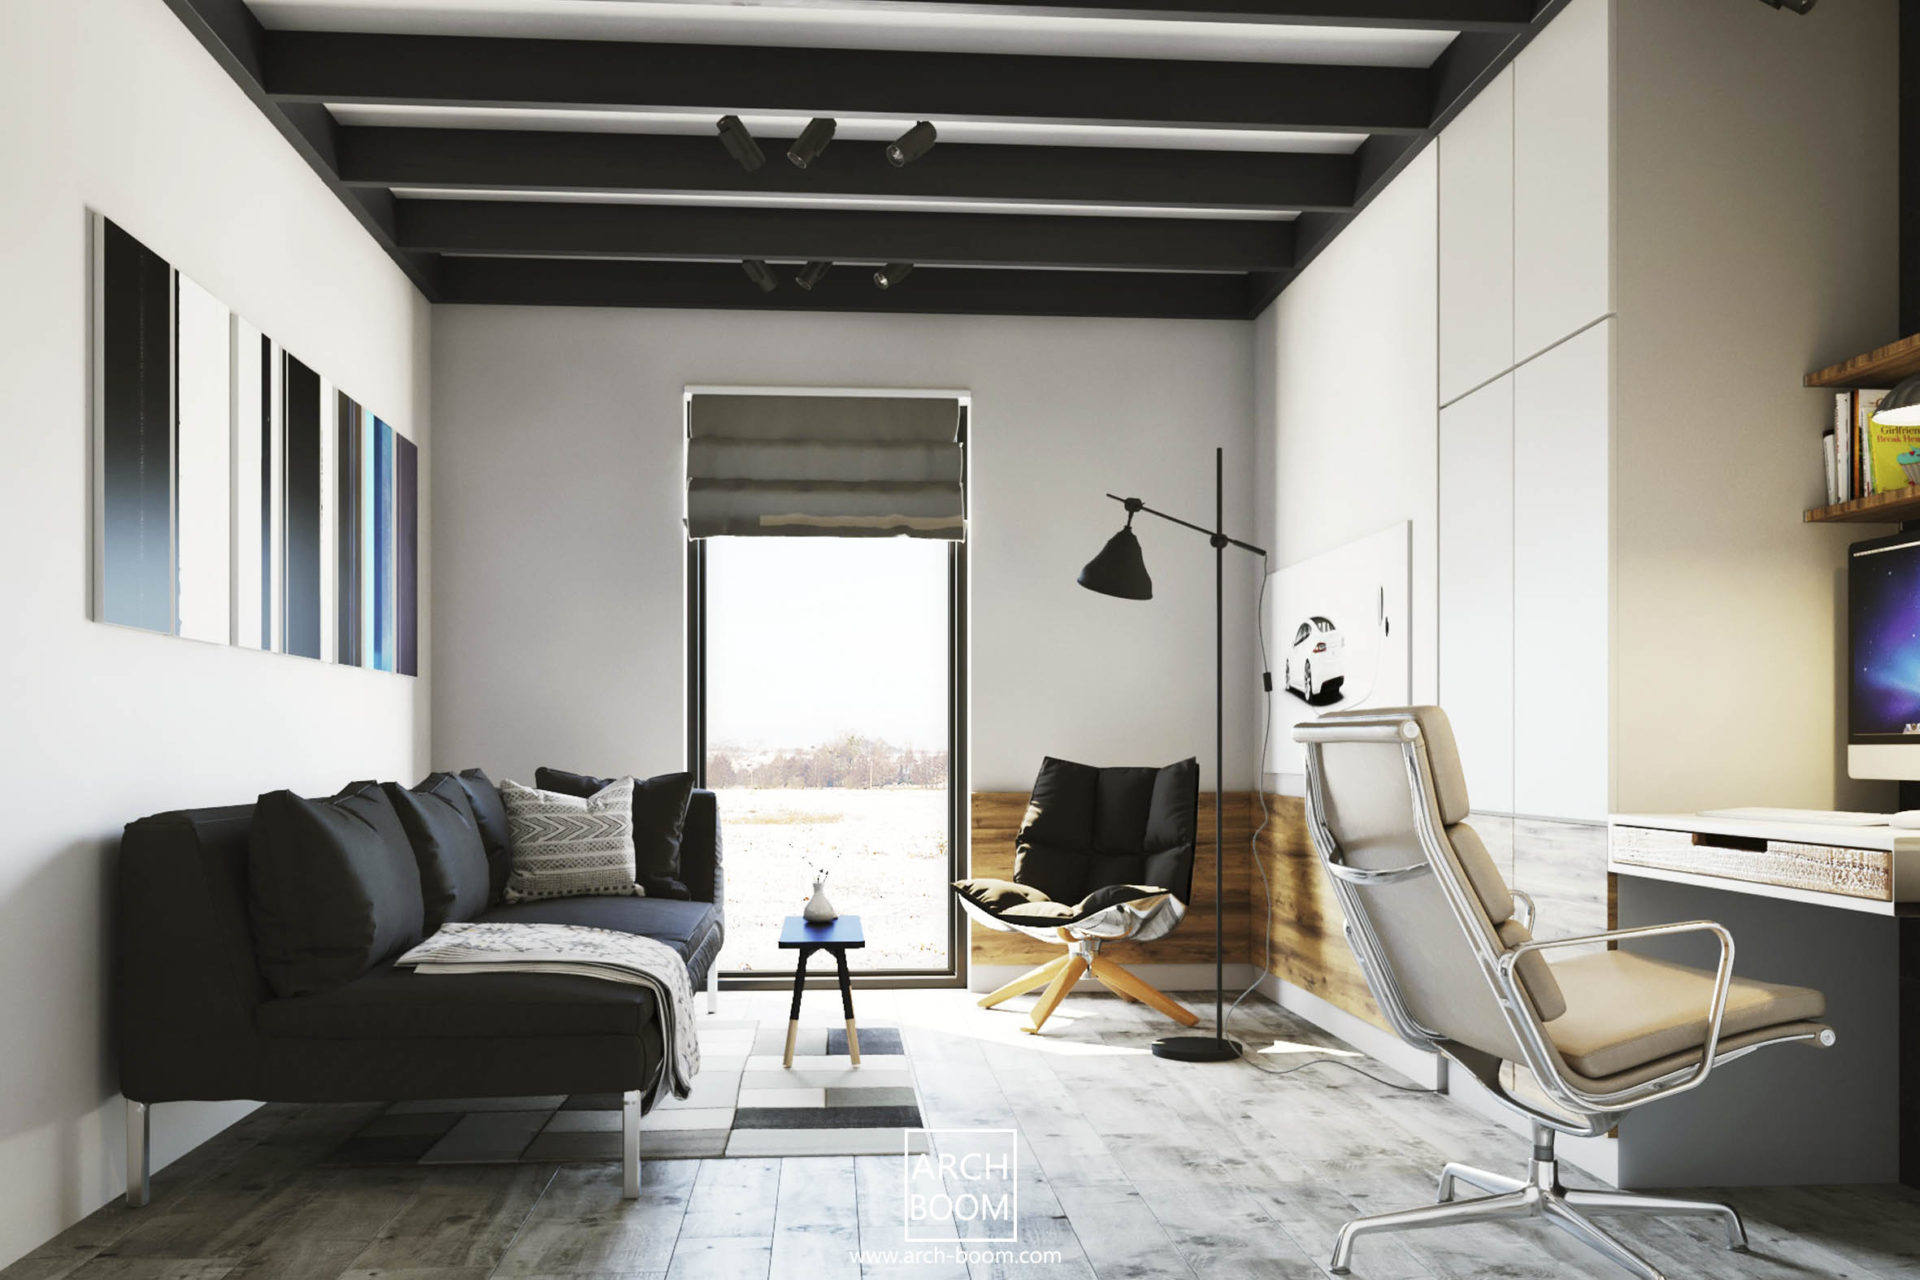 kanapa czy łóżko w pokoju dla gości